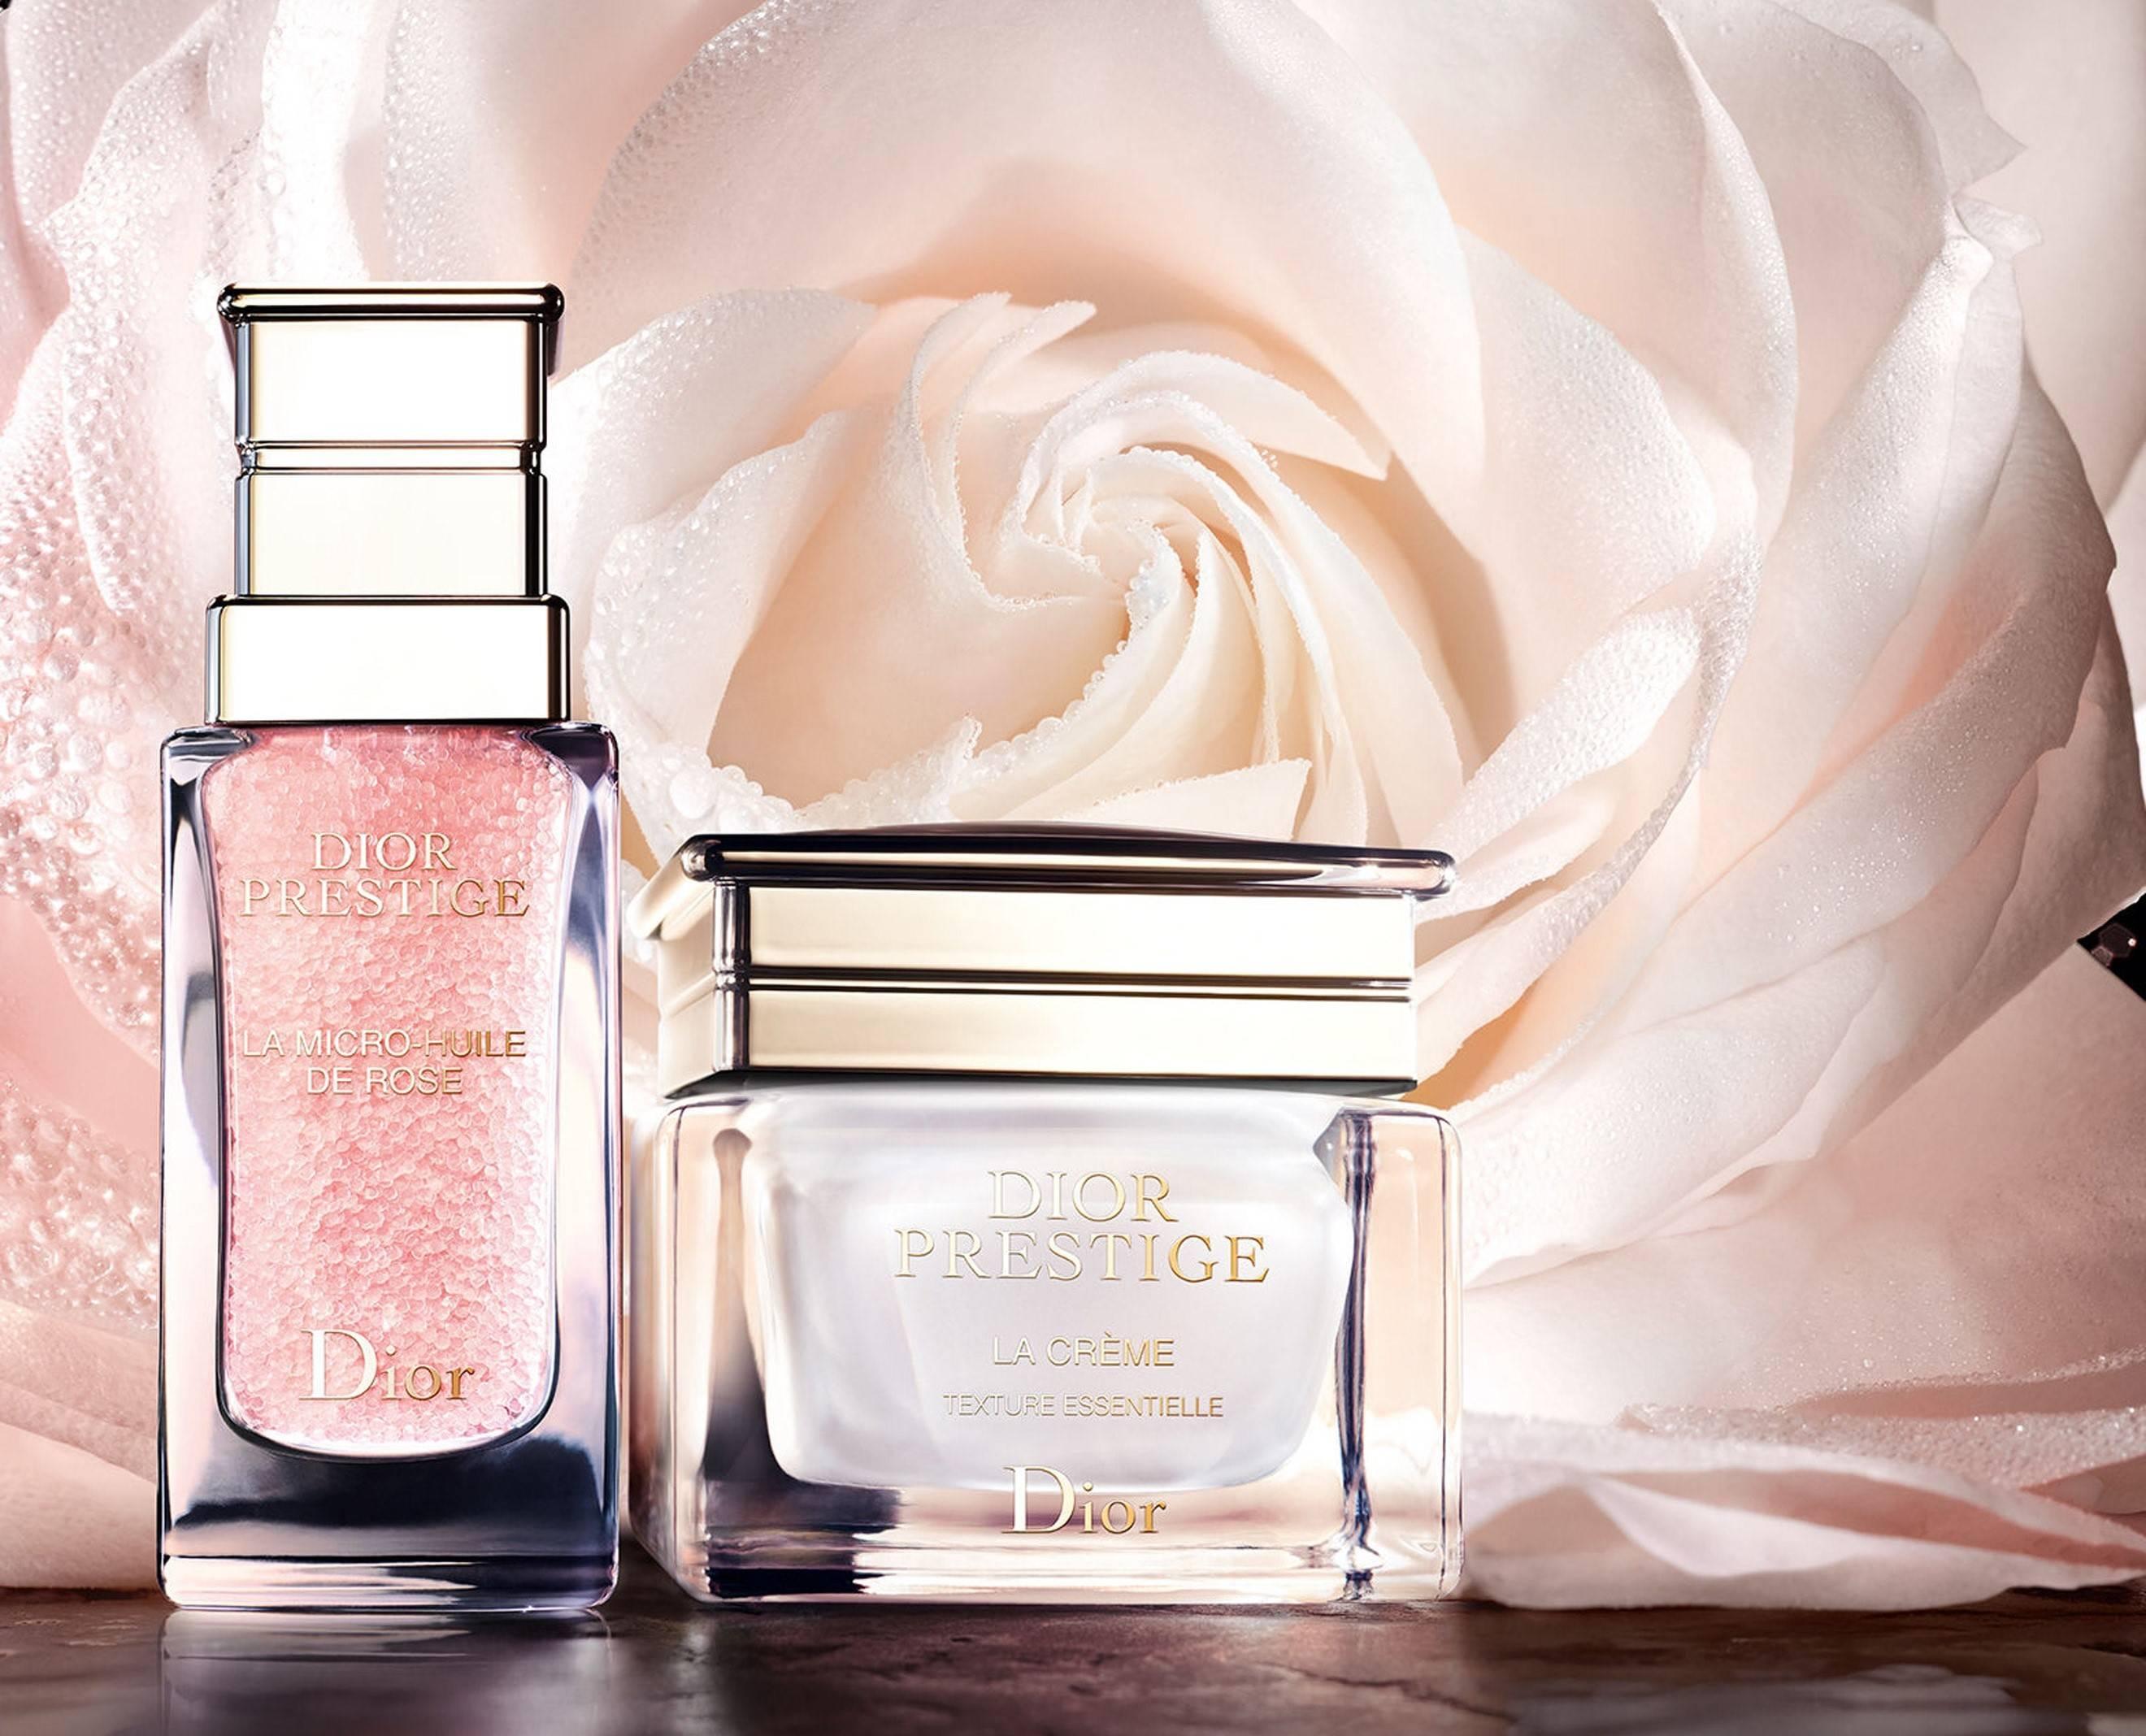 Conheça a linha exclusiva da Dior à base de rosas